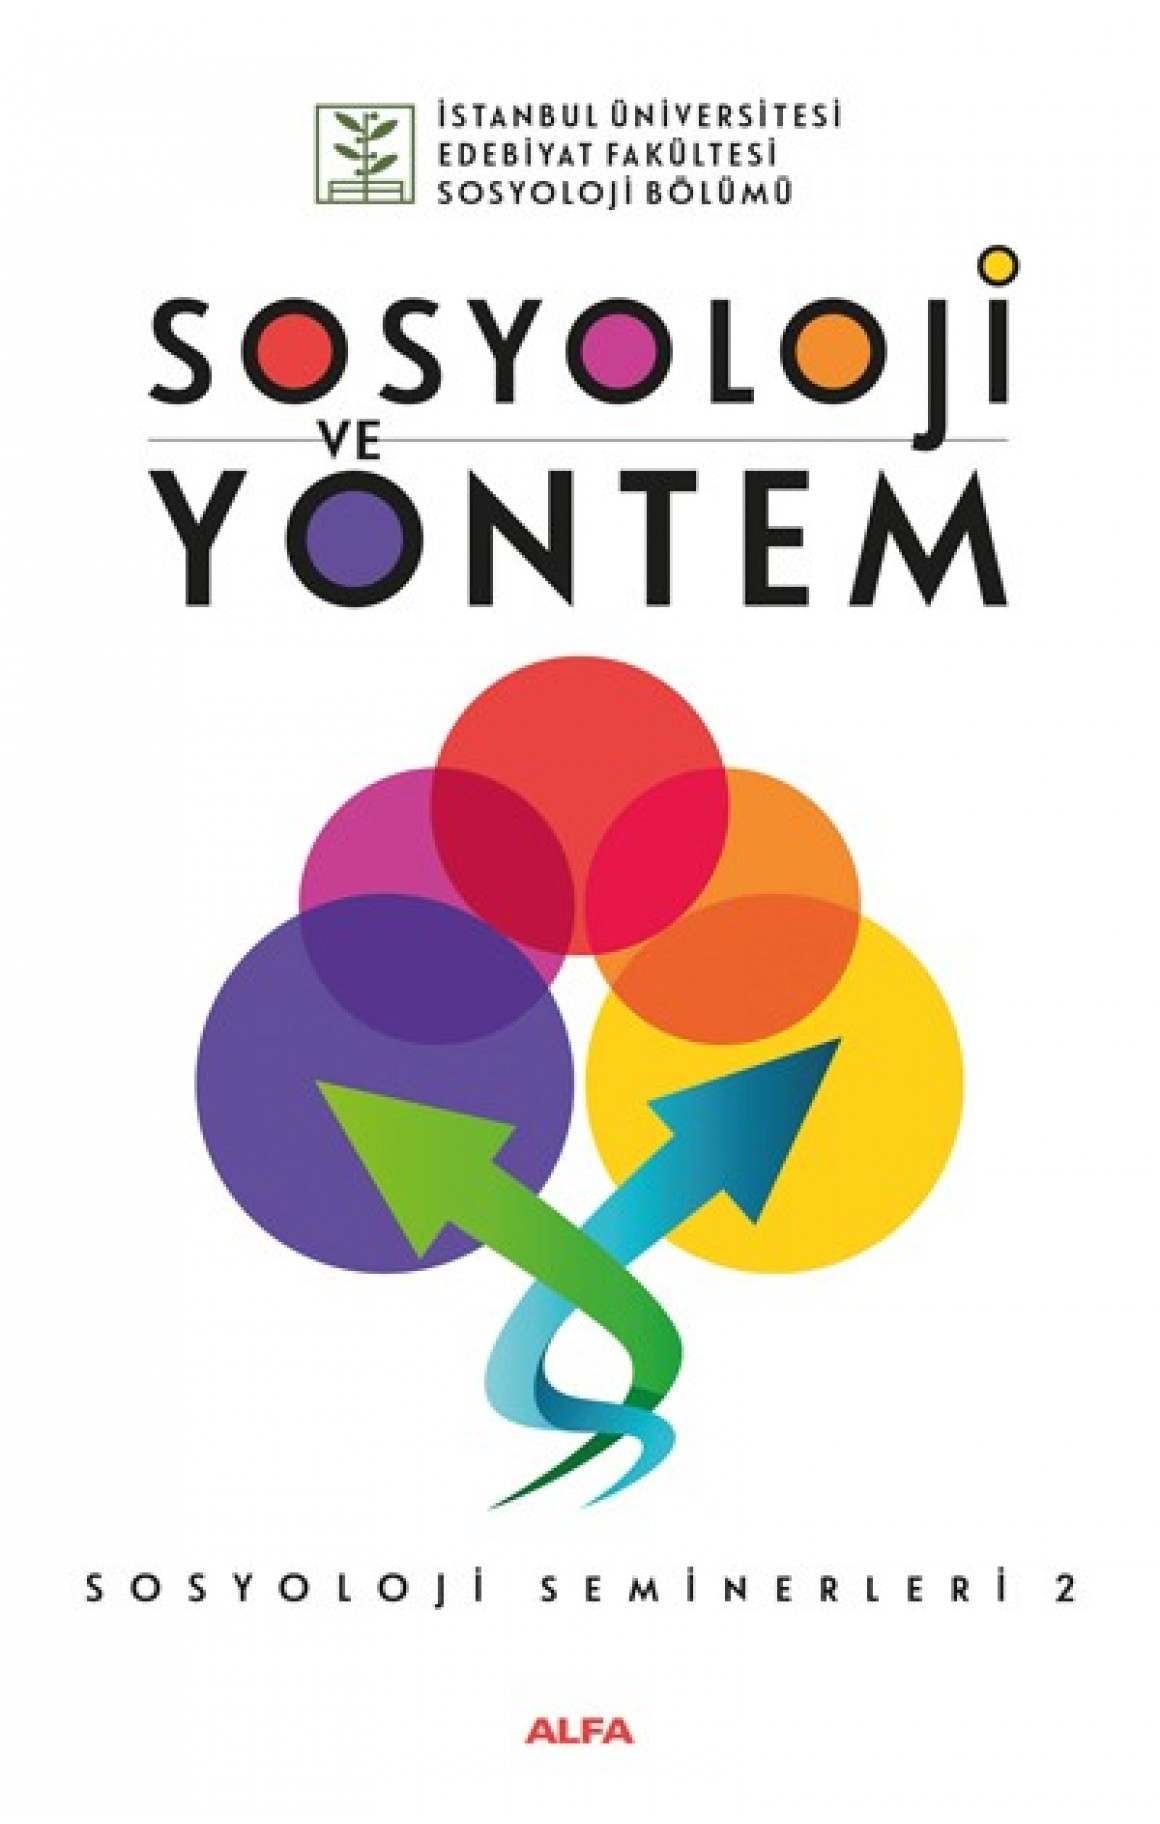 Sosyoloji ve Yöntem-Sosyoloji Seminerleri 2